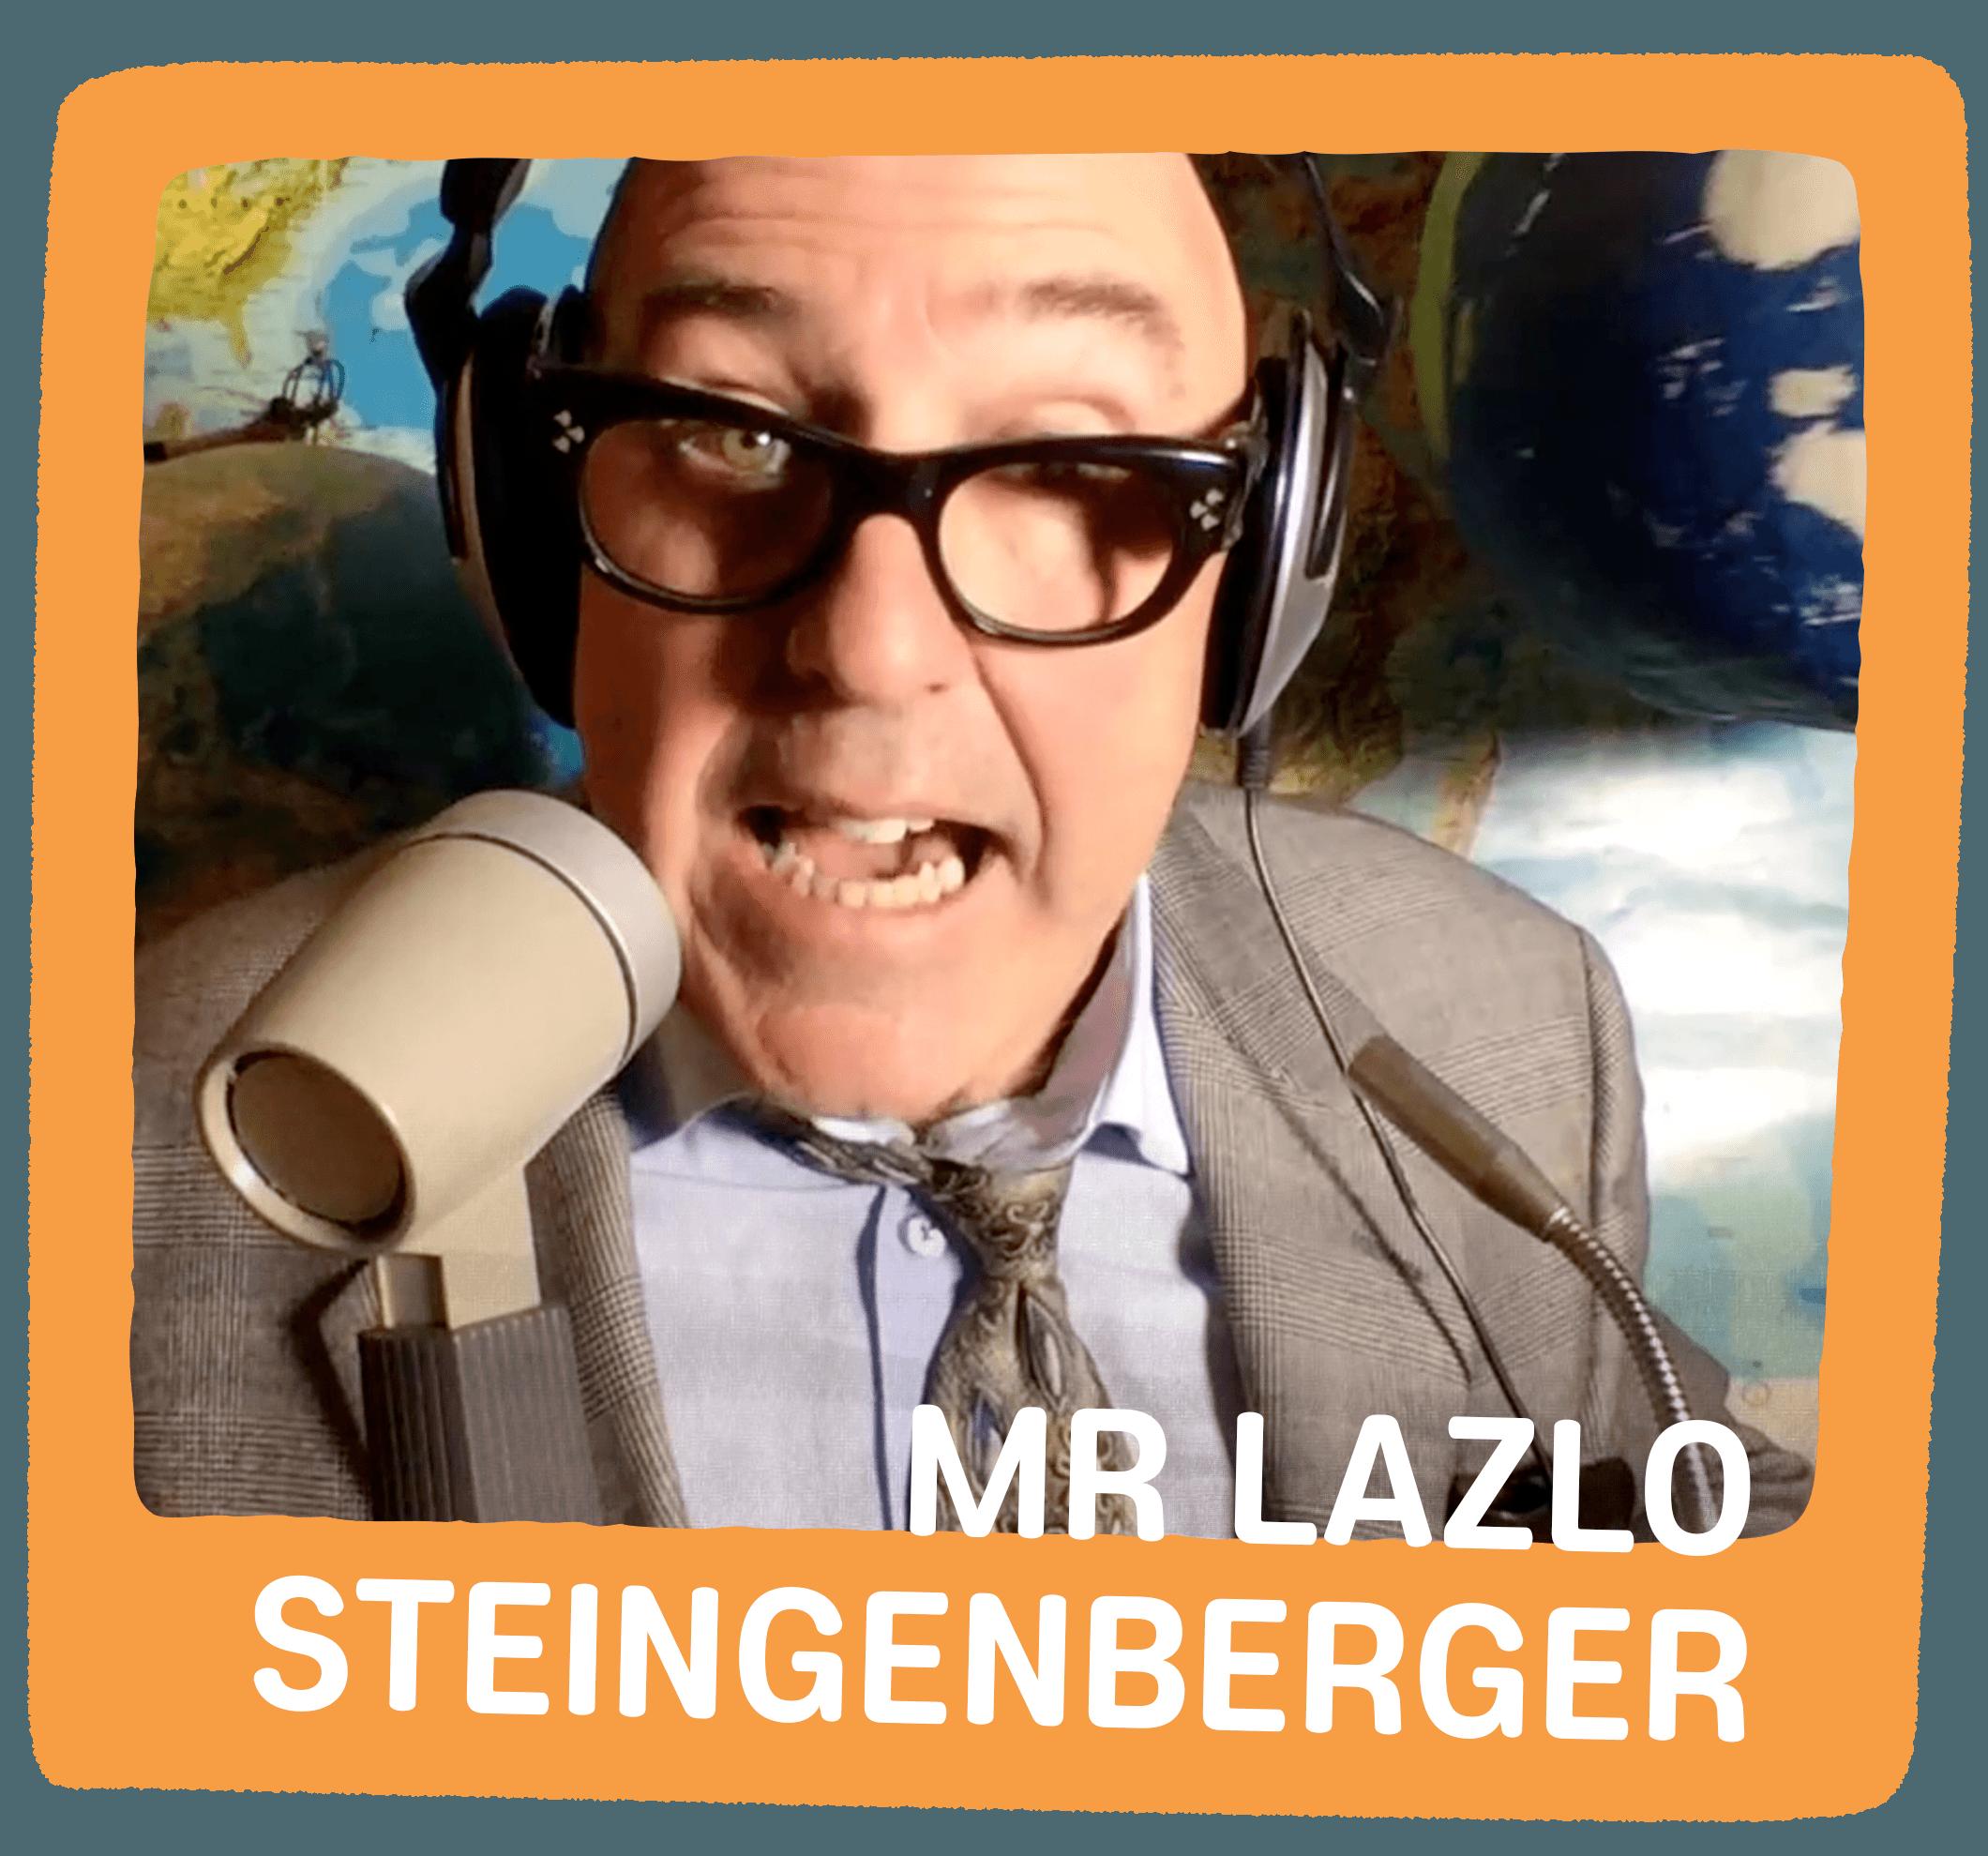 Lazlo Steigenberger